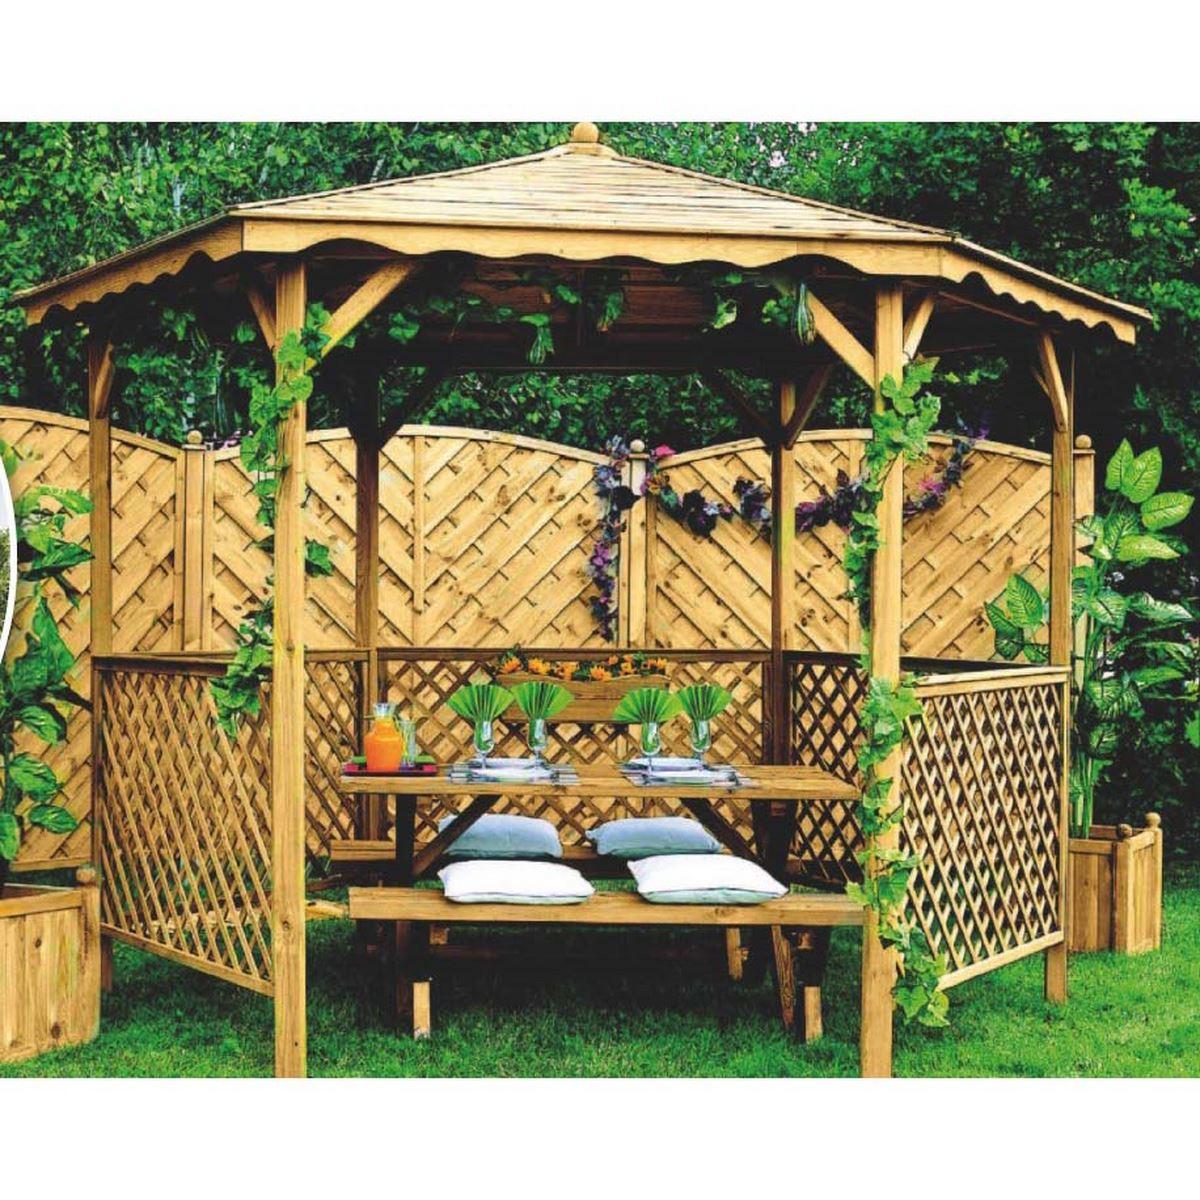 Acheter Un Kiosque En Bois Lora - Jardipolys dedans Kiosque En Bois Occasion